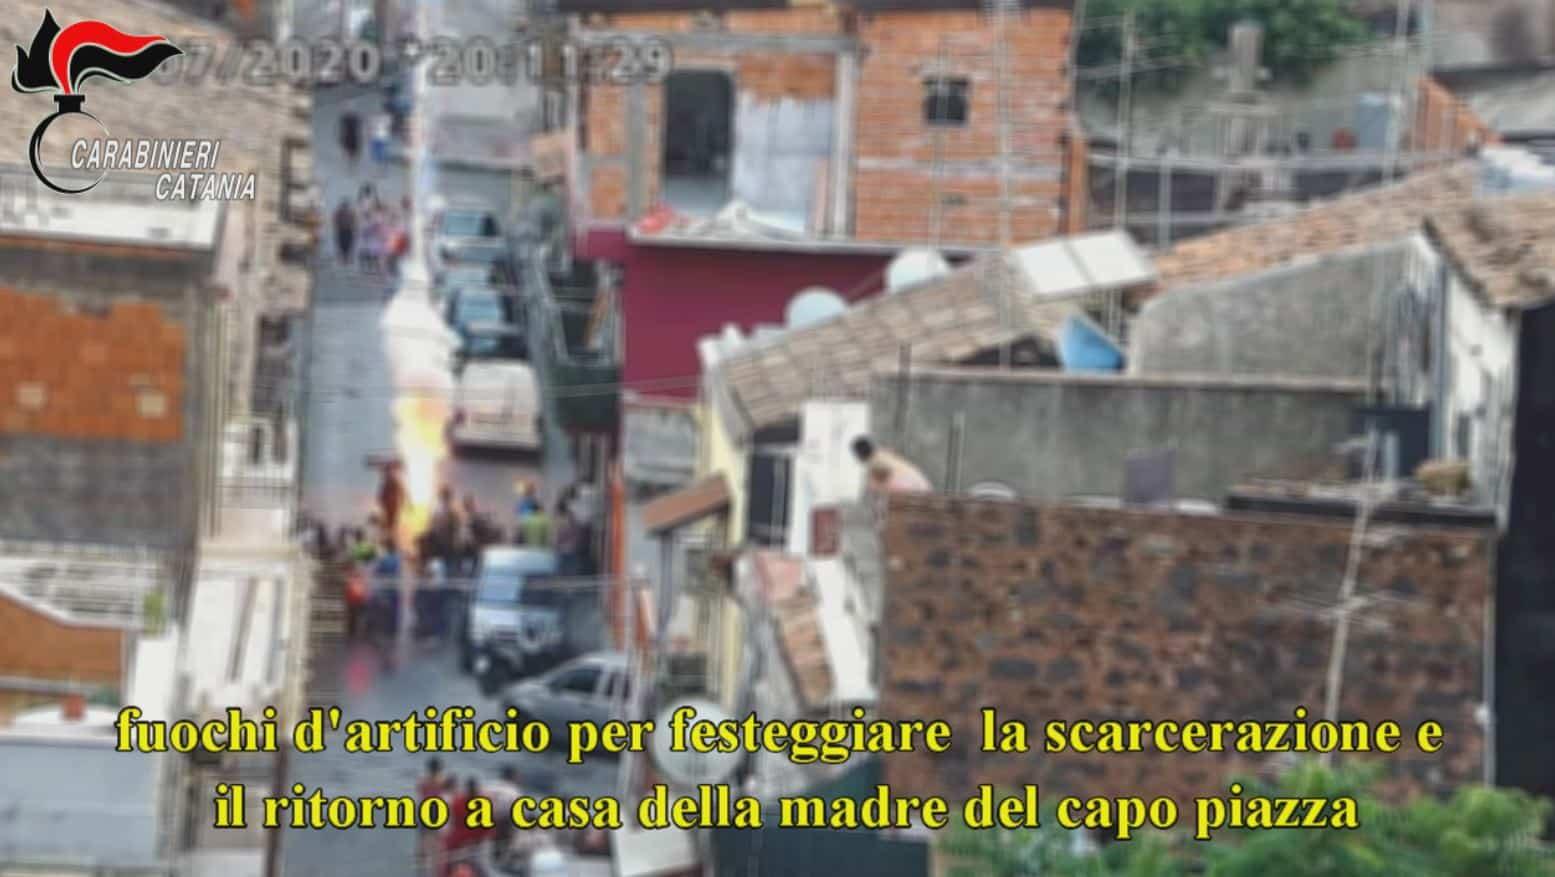 Catania, fortino della droga in via Piombai: i video su TikTok e i guadagni in mano alle donne – VIDEO e DETTAGLI